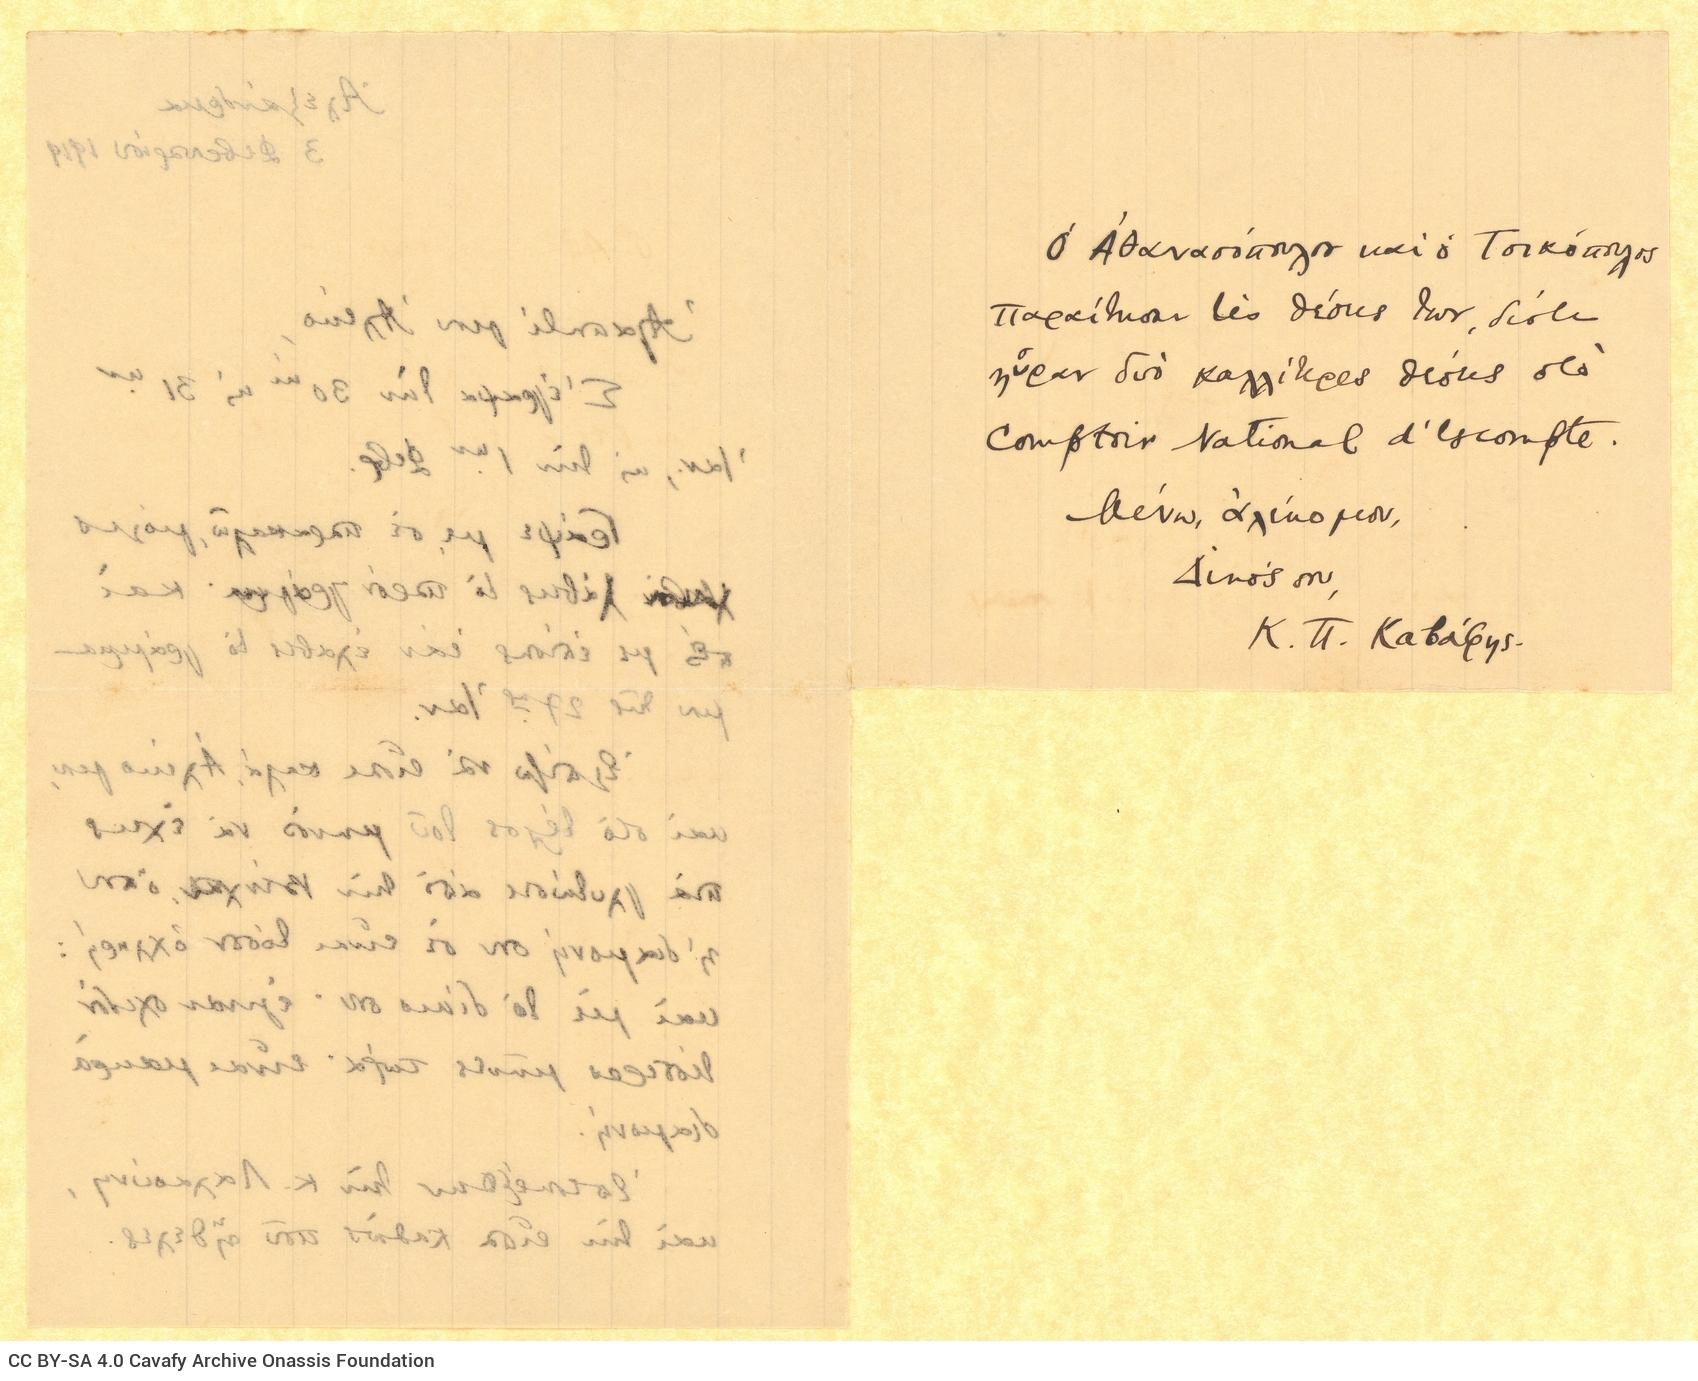 Χειρόγραφη επιστολή του Καβάφη προς τον Αλέκο [Σεγκόπουλο] σε διαγ�